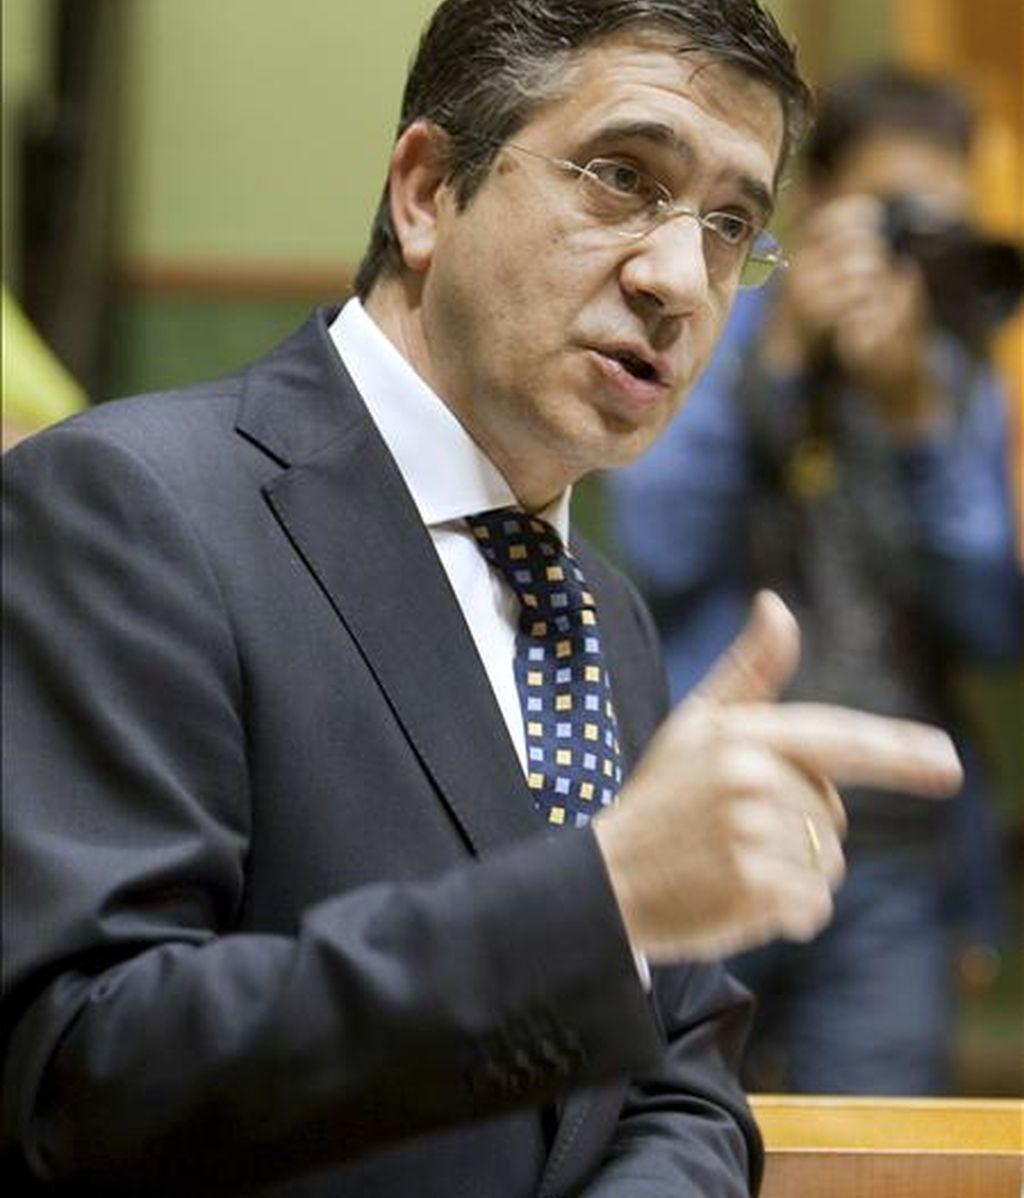 El lehendakari, Patxi López, durante su intervención en el pleno de control al Ejecutivo que hoy se celebra en el Parlamento Vasco. EFE